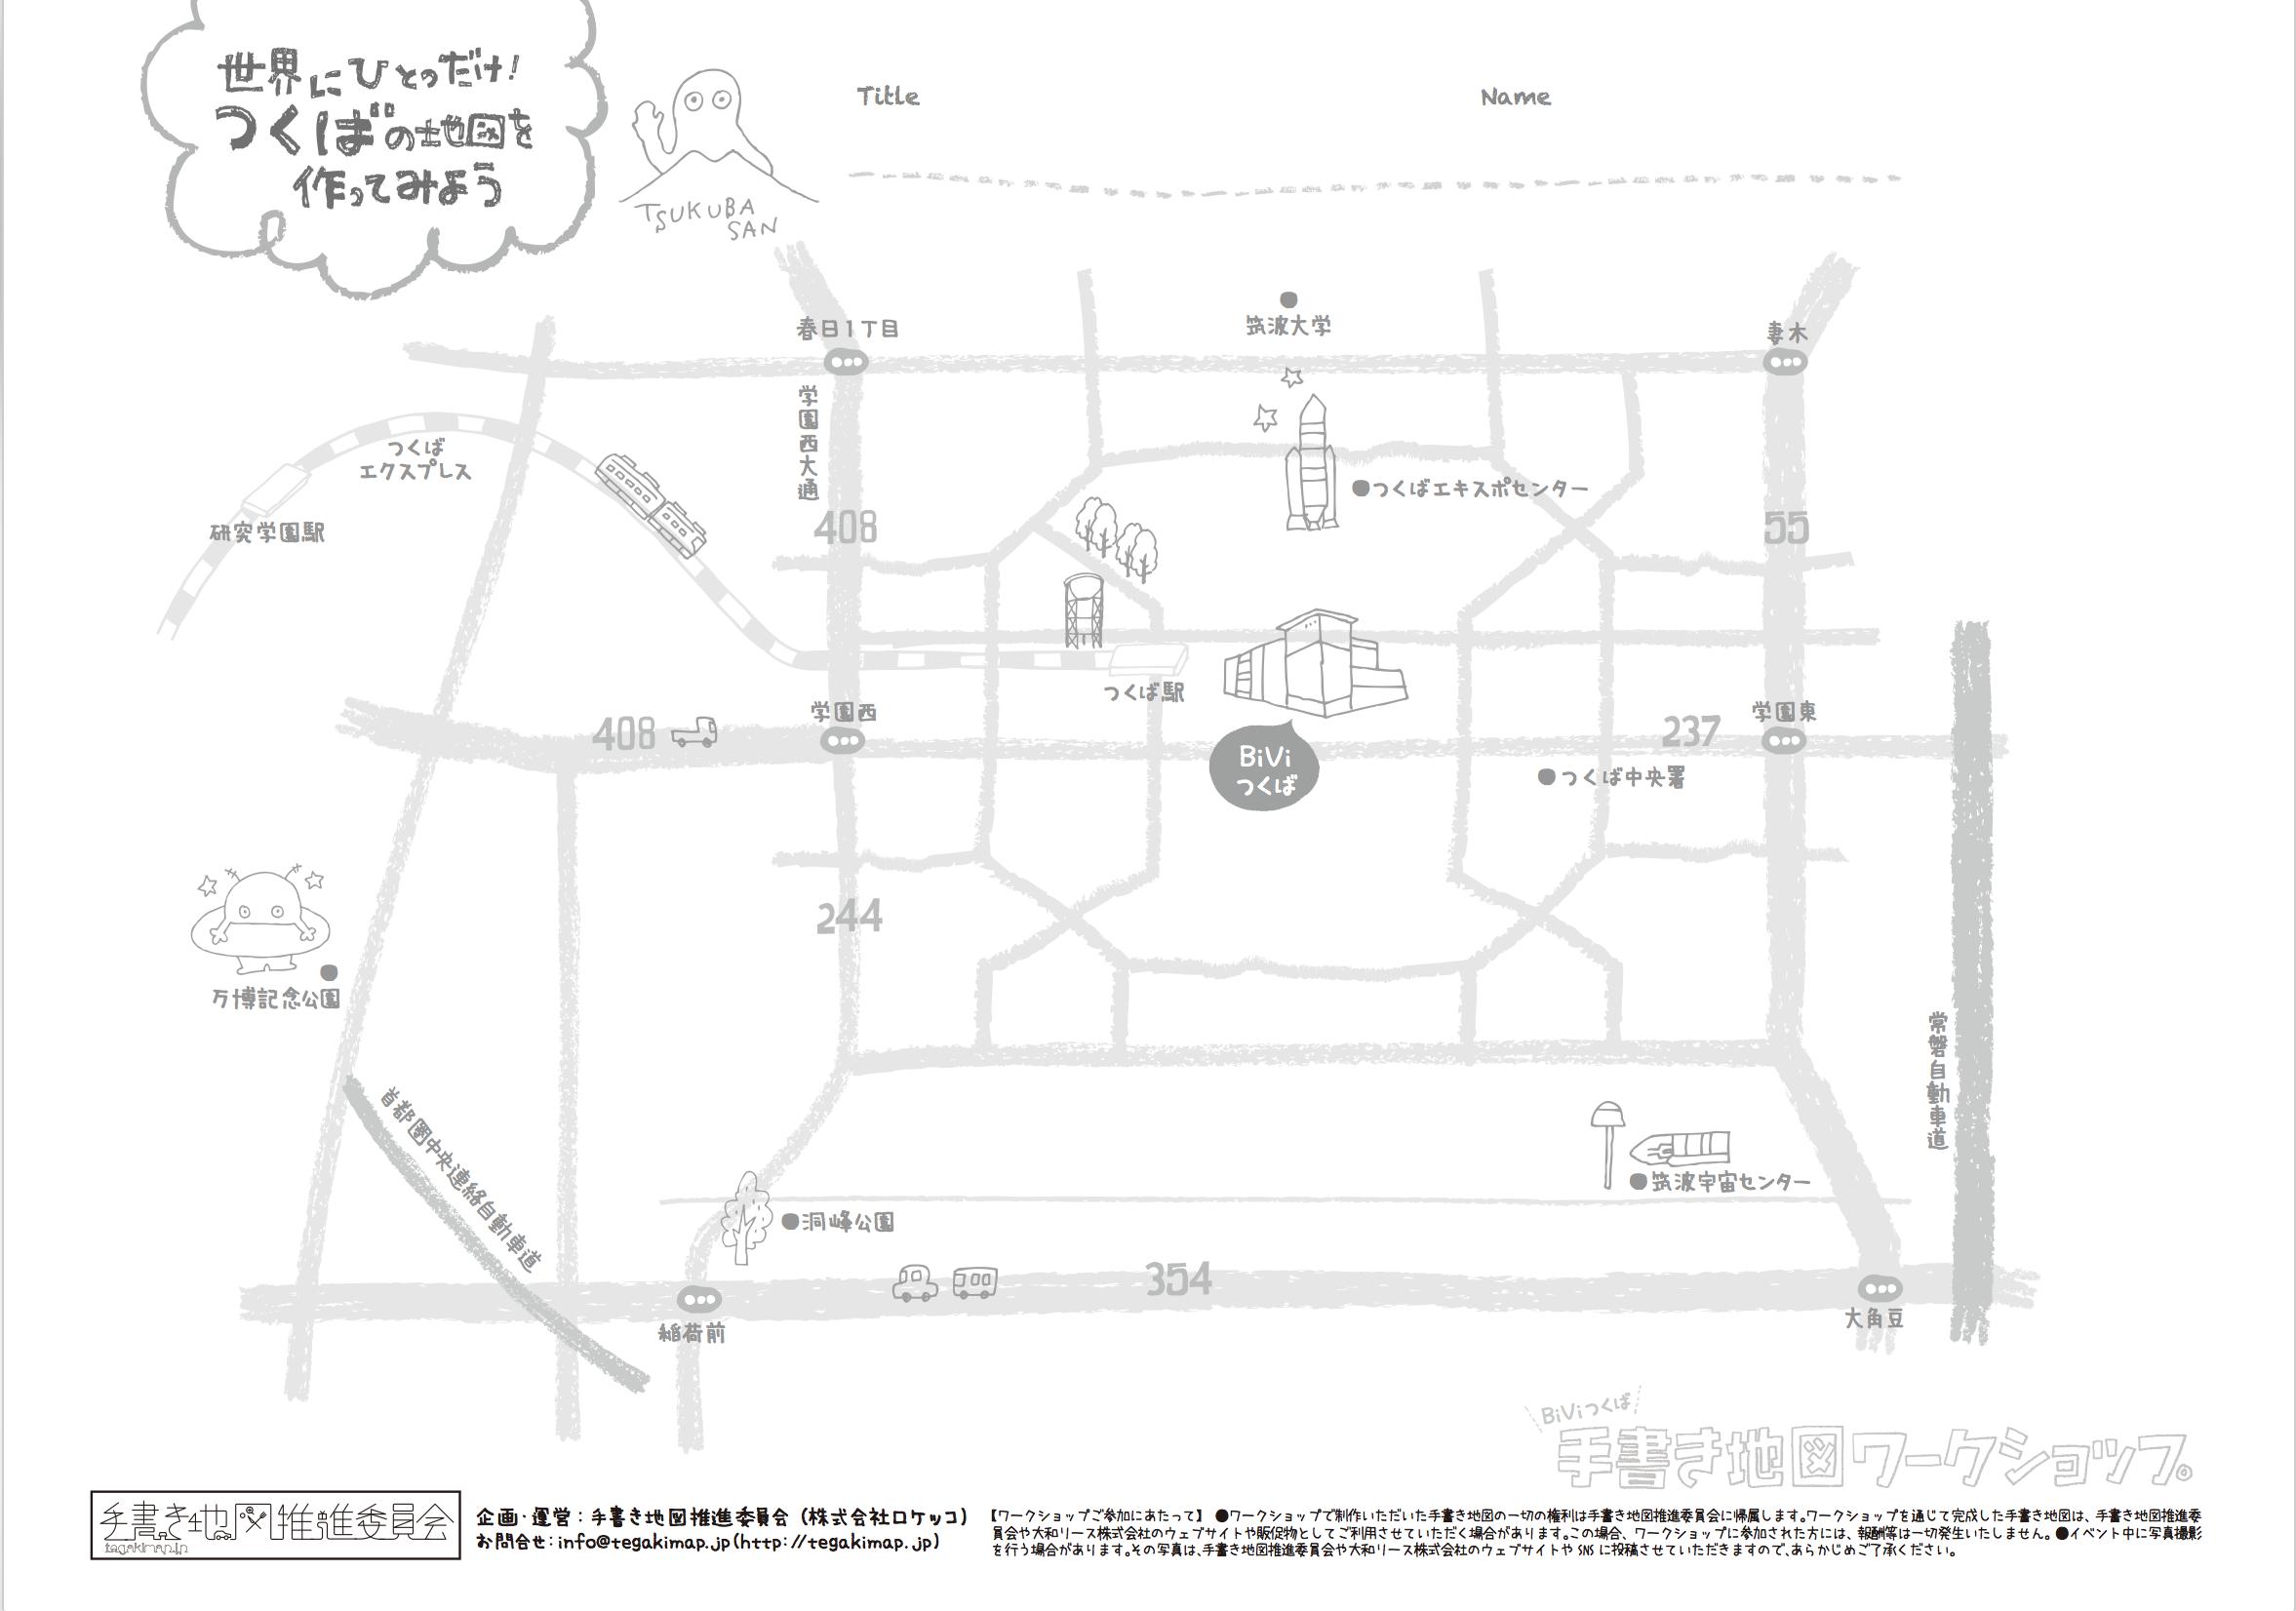 つくば街の白地図